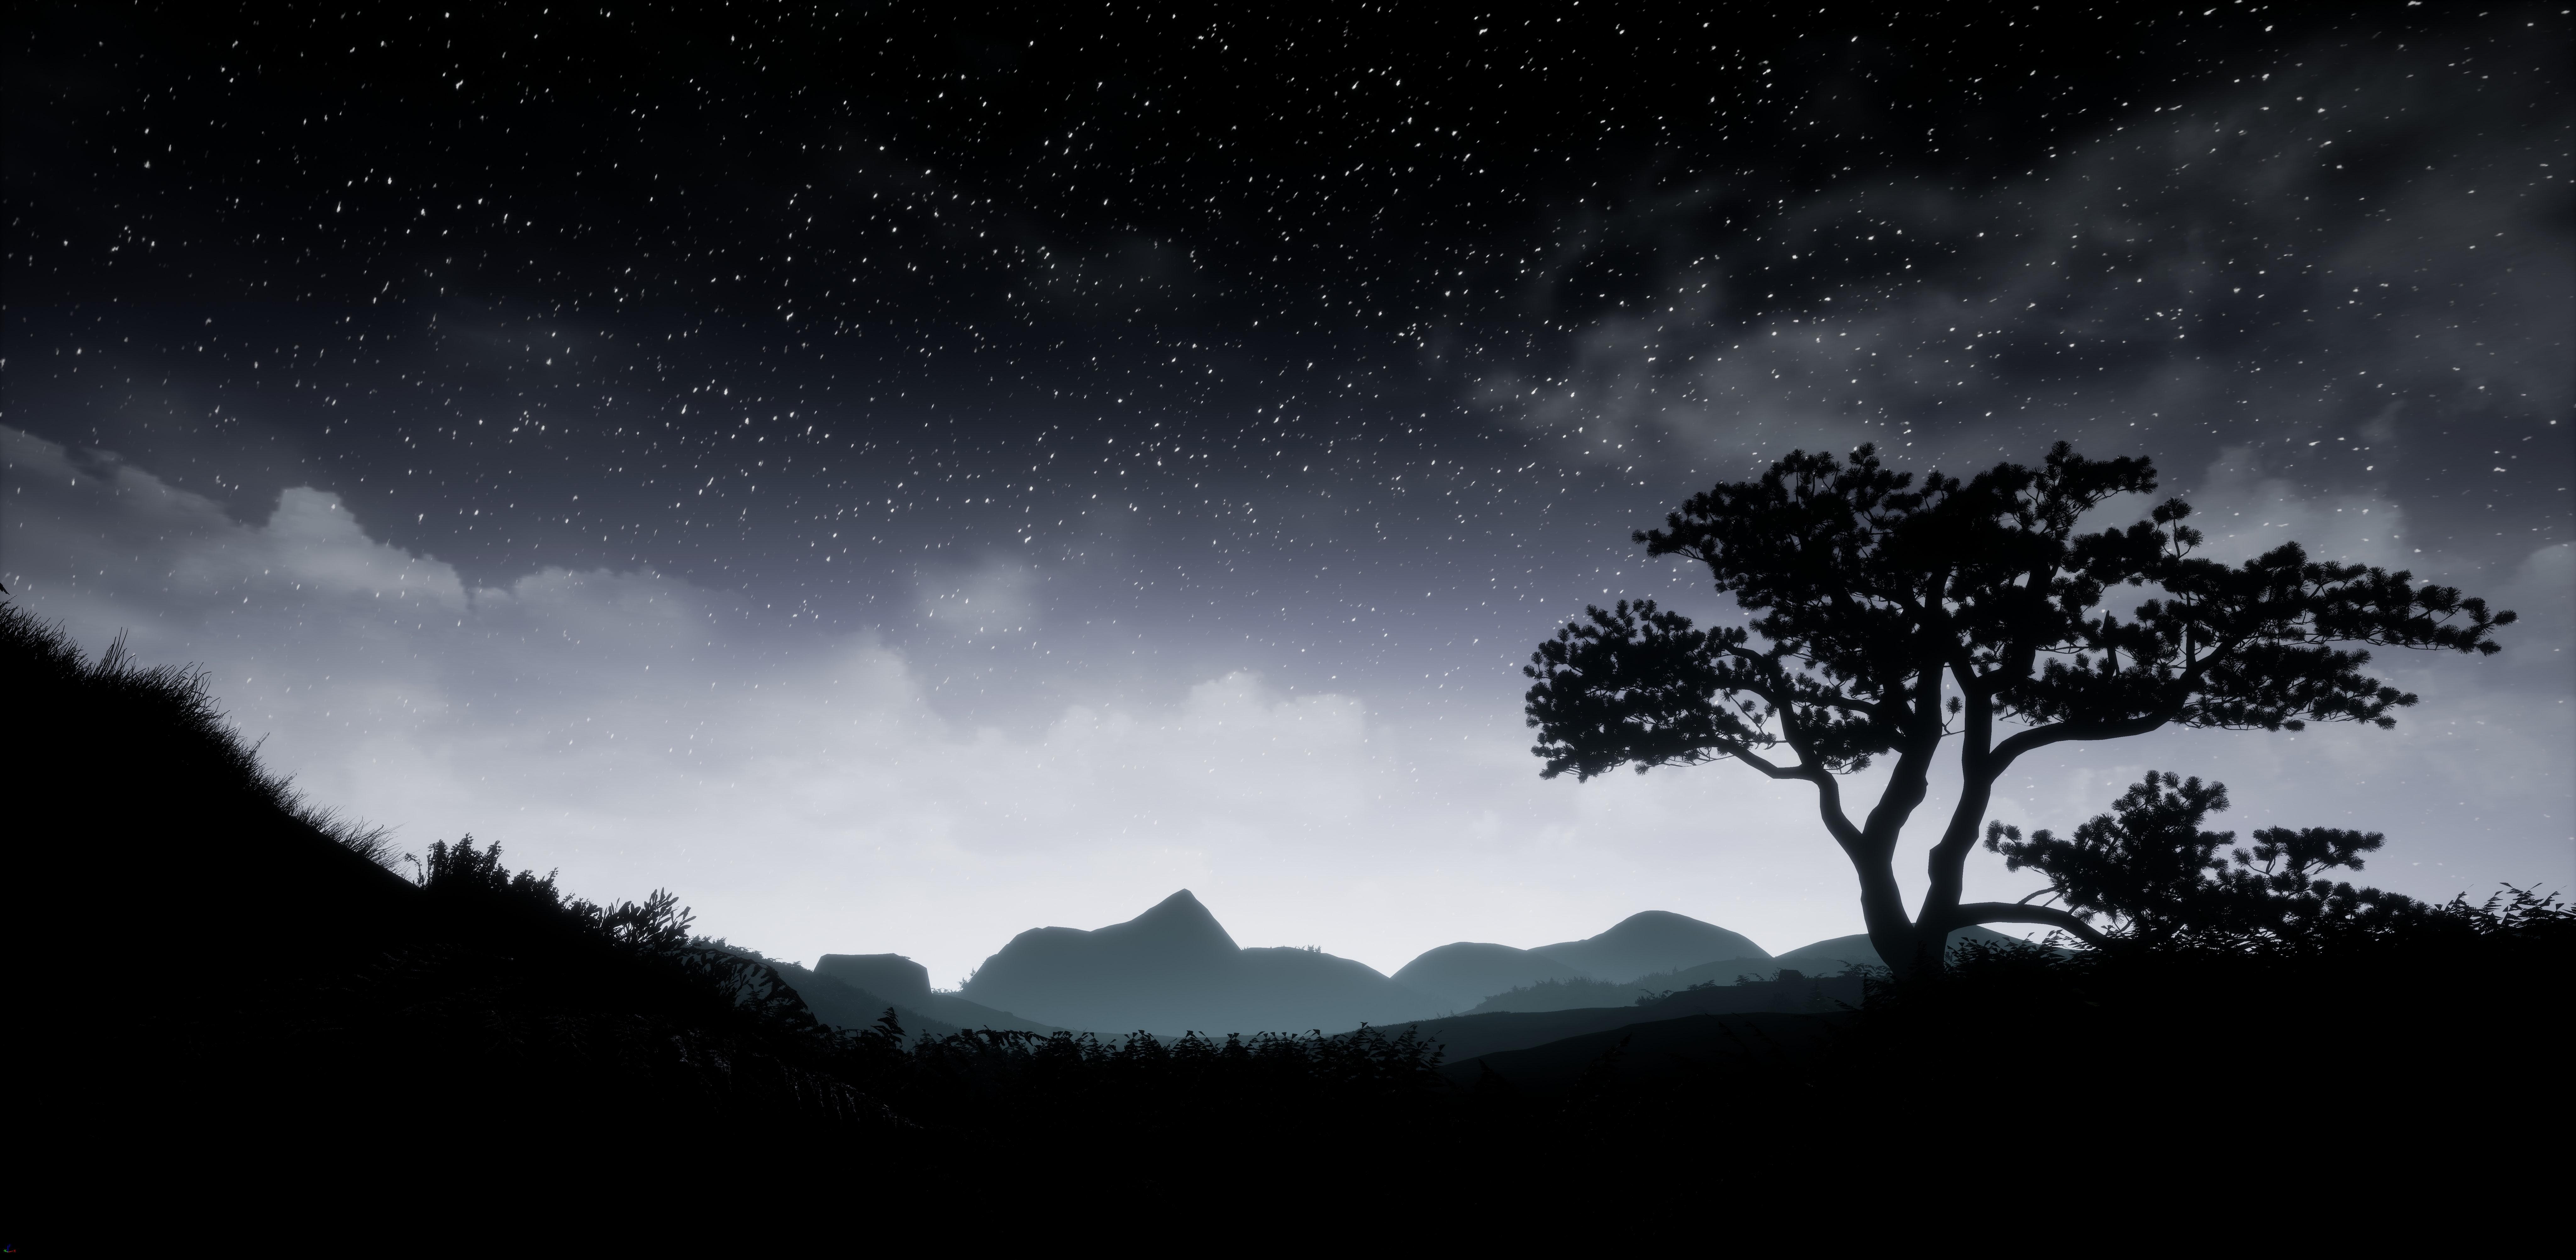 Foto Stok Gratis Tentang Bayangan Hitam Bintang Di Malam